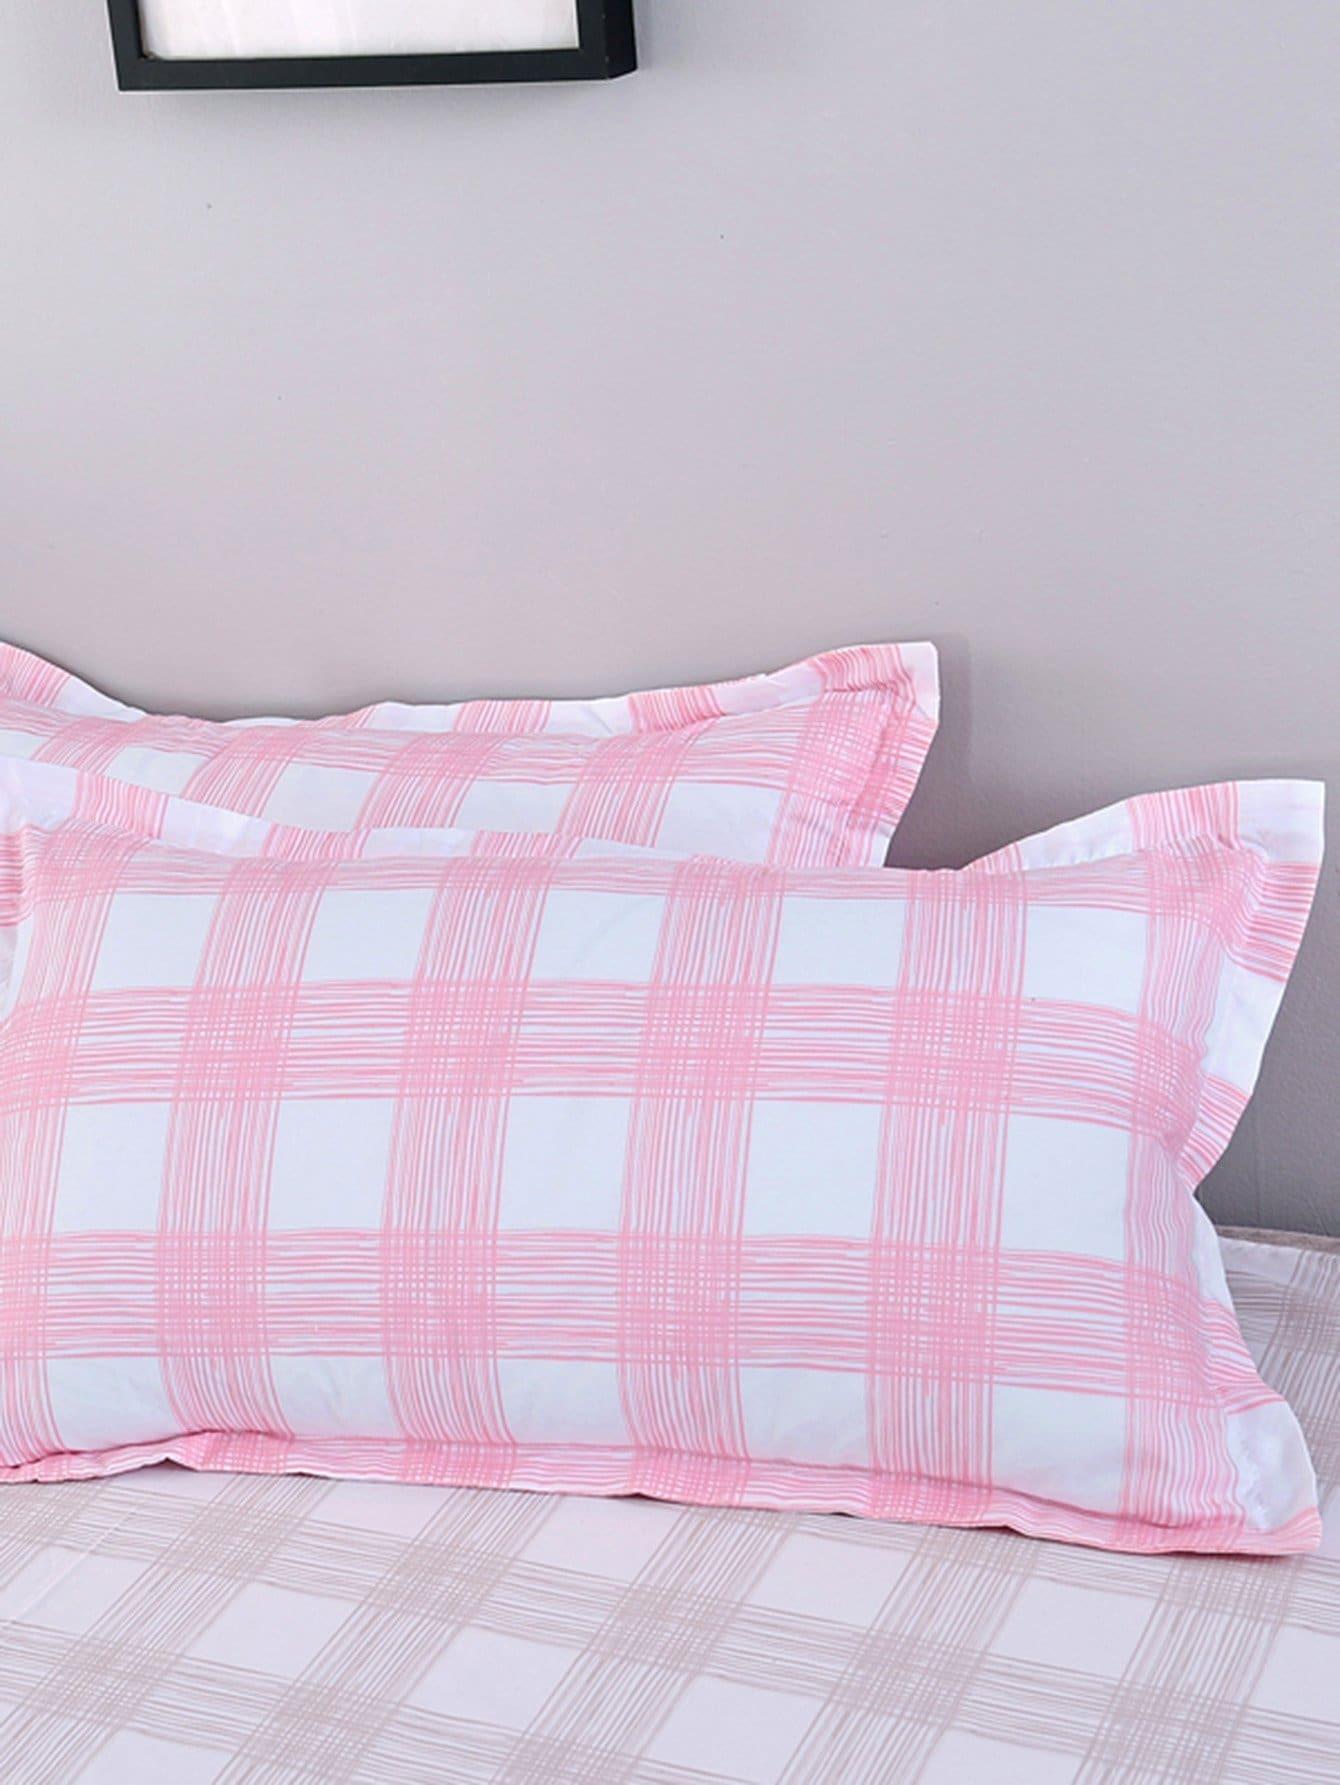 Gingham Print Pillowcase Cover pug print pillowcase cover